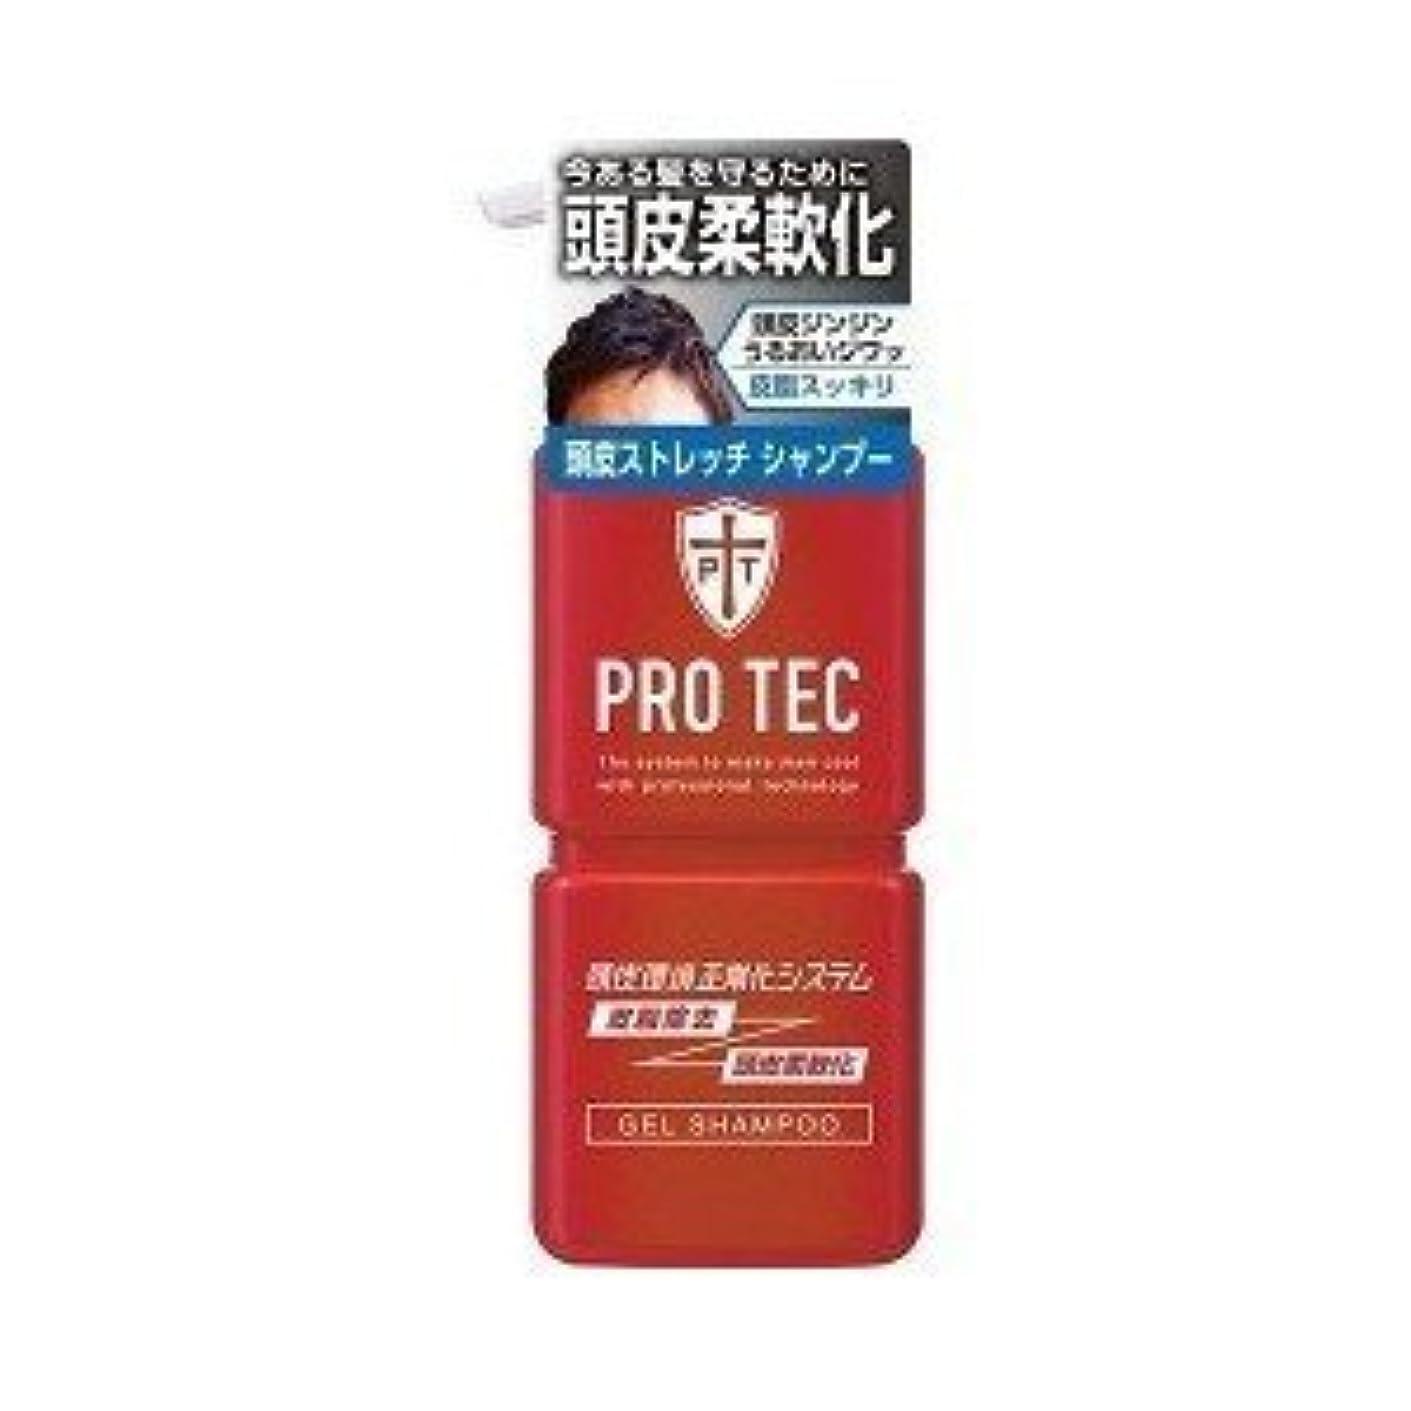 ラリーベルモントによって三十(ライオン)PRO TEC(プロテク) 頭皮ストレッチ シャンプー ポンプ 300g(医薬部外品)